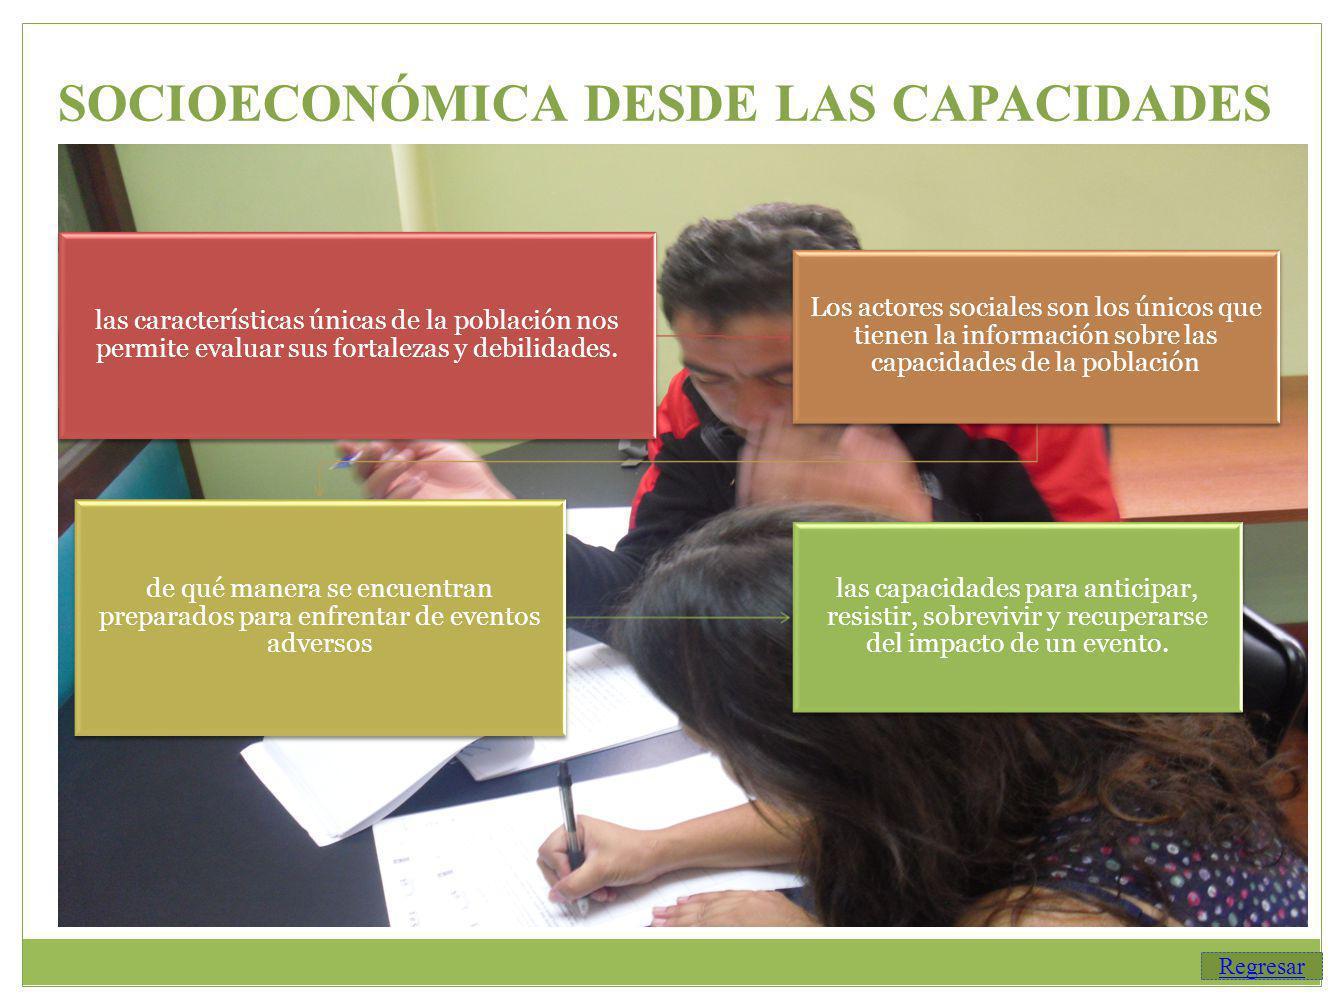 SOCIOECONÓMICA DESDE LAS CAPACIDADES